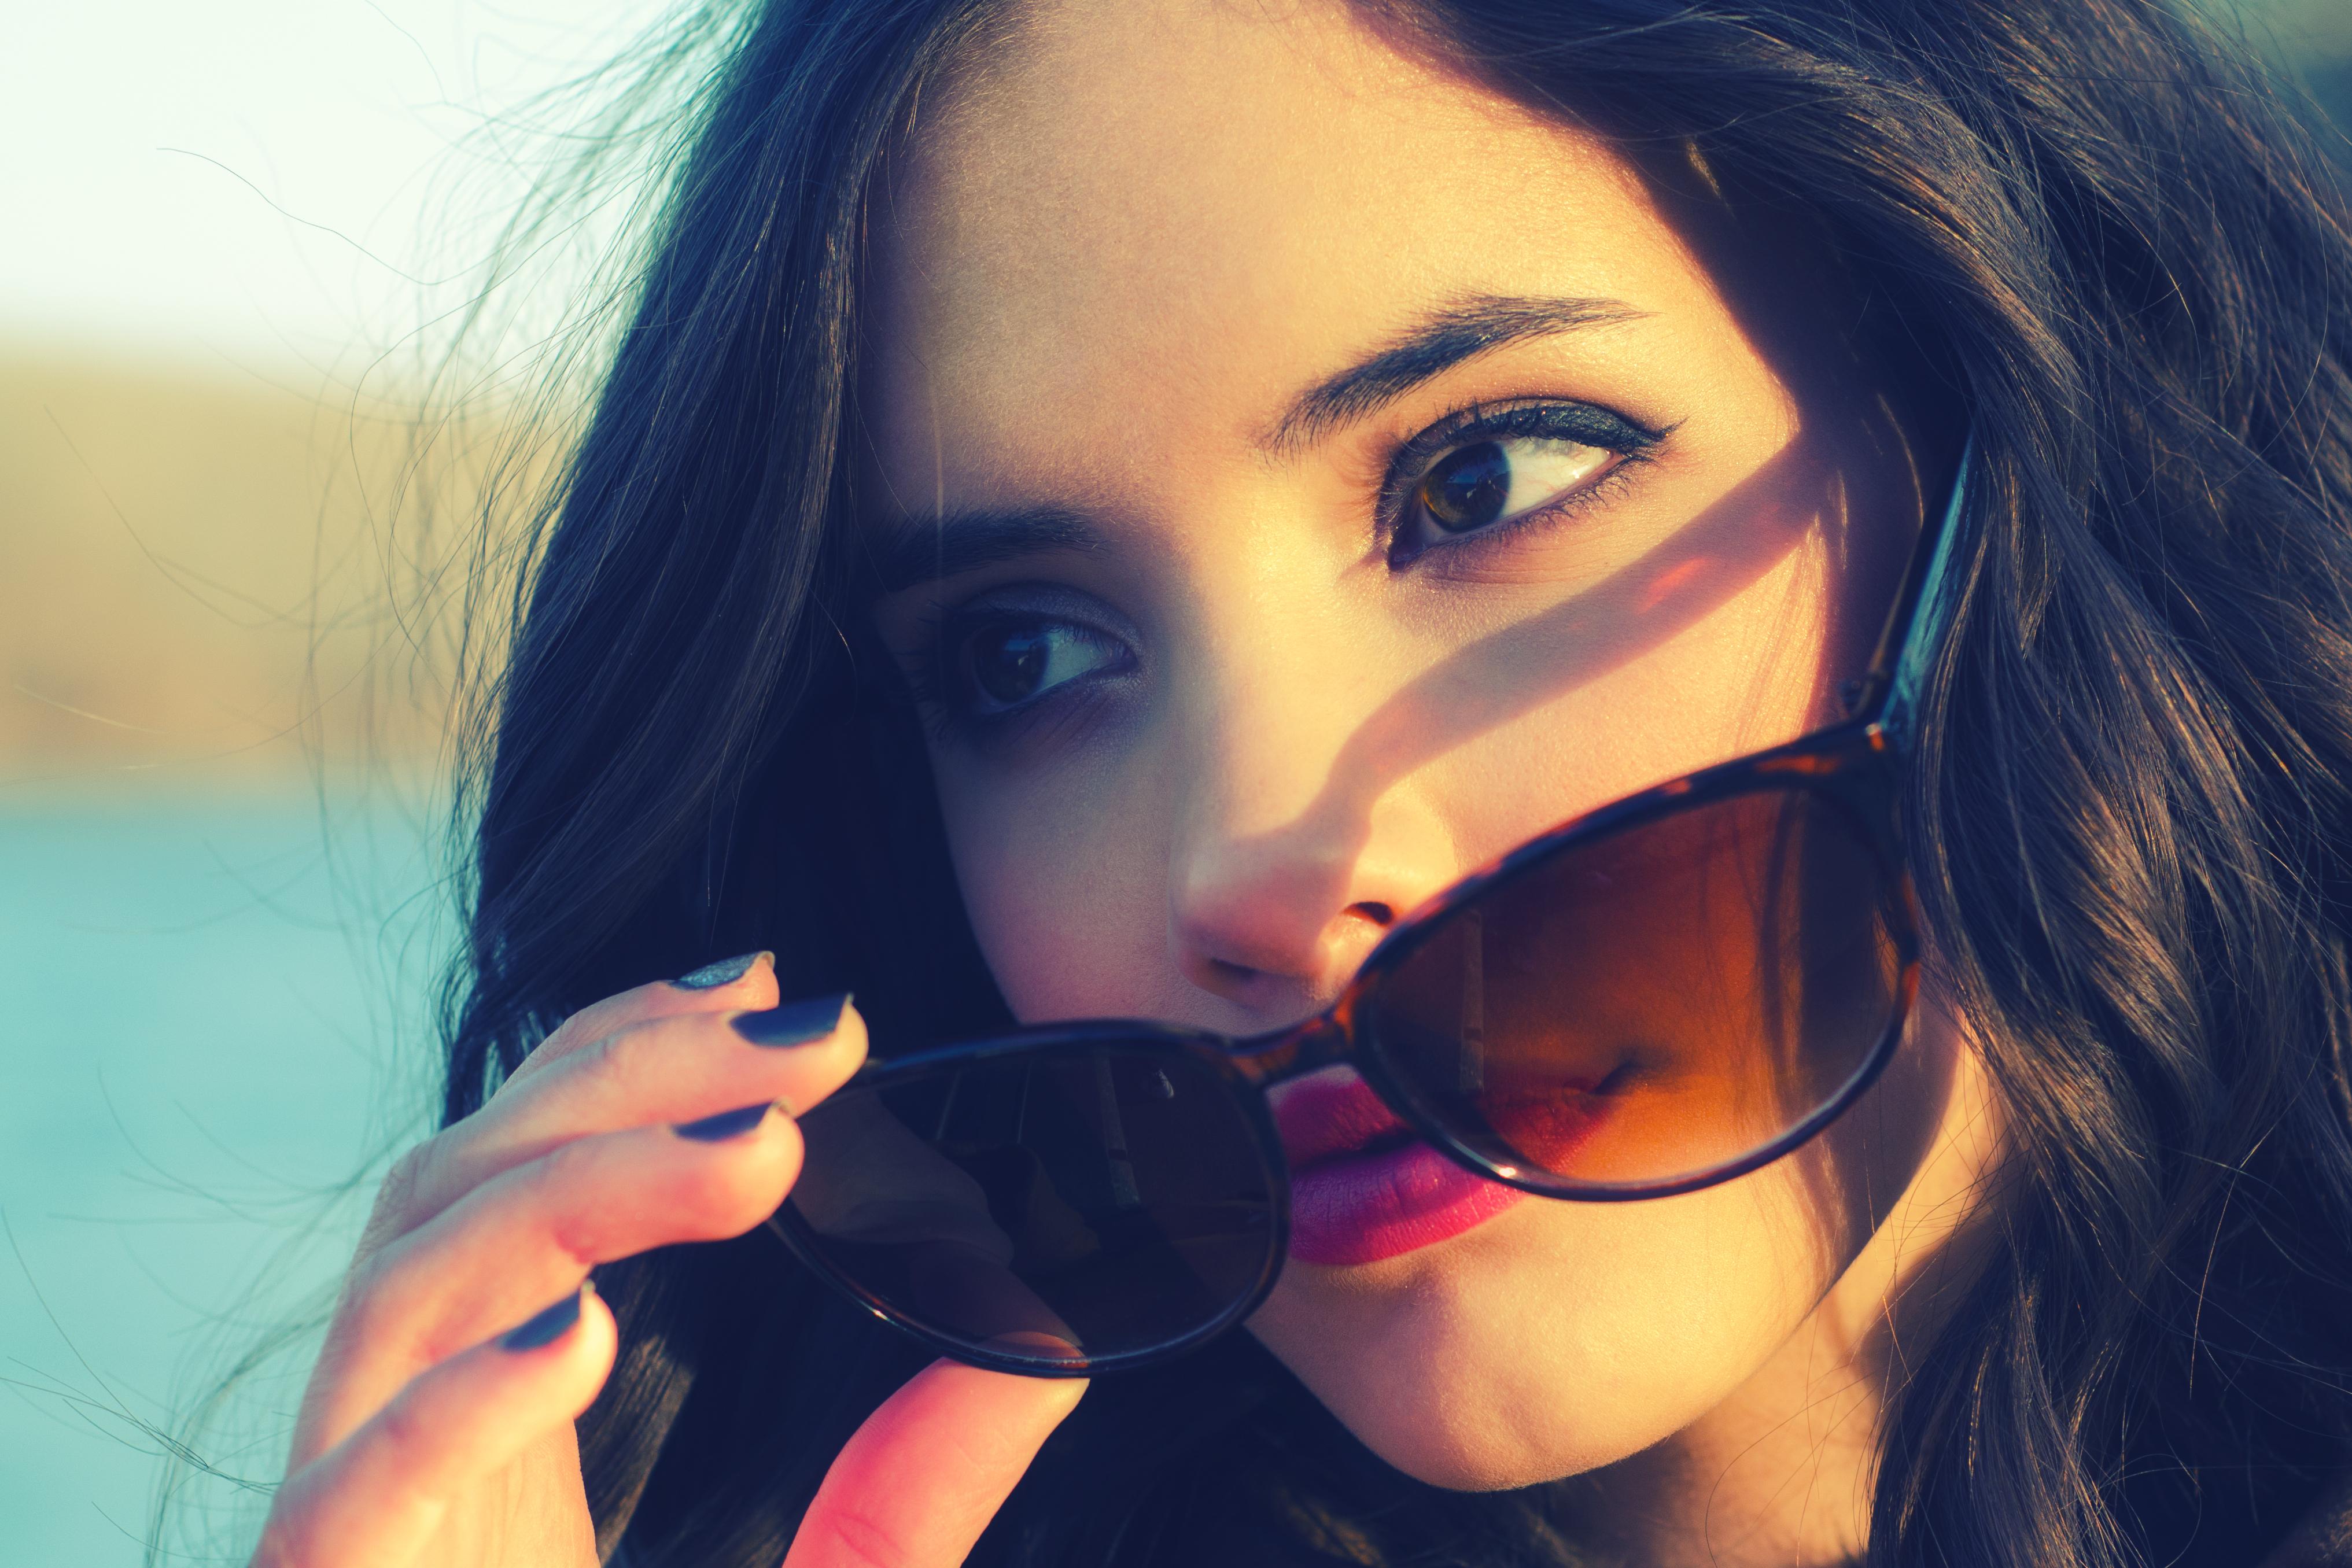 【恋人が嫉妬をしてくれない…】嫉妬しないのはなぜ?嫉妬しない人の心理を解説